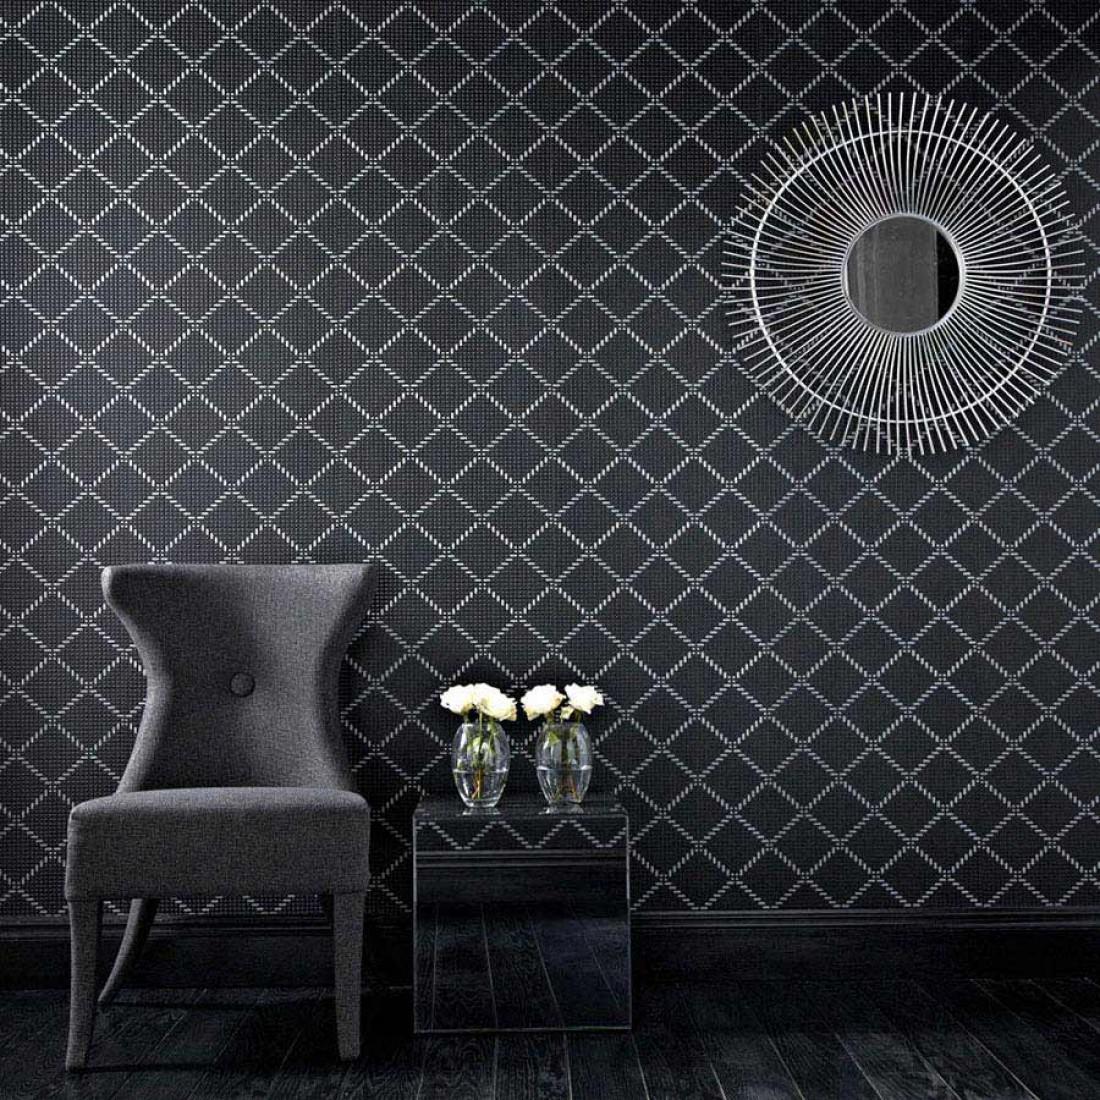 Tapete keres schwarzgrau schimmer silber tapeten der 70er for Black and silver 3d wallpaper